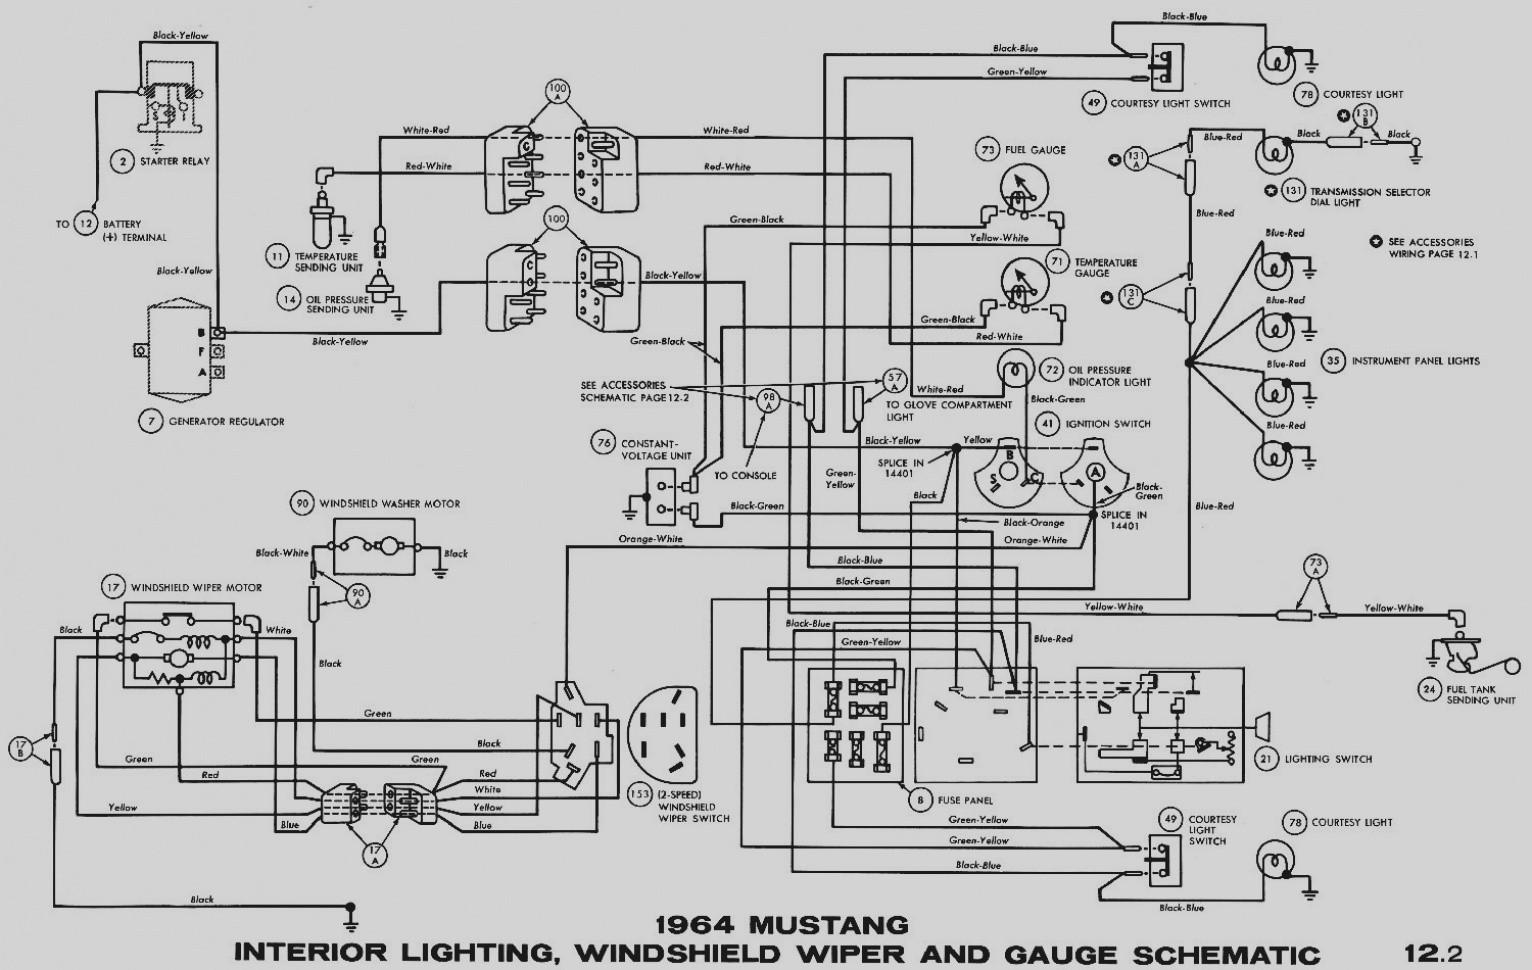 1970 mustang wiring diagram awesome lamp wiring diagram 1970 mustang sport wiring diagram portal e280a2 of 1970 mustang wiring diagram?quality\\\\\\\\\\\\\\\\\\\\\\\\\\\\\\\\\\\\\\\\\\\\\\\\\\\\\\\\\\\\\\\\\\\\\\\\\\\\\\\\\\\\\\\\\\\\\\\\\\\\\\\\\\\\\\\\\\\\\\\\\\\\\\\\\\\\\\\\\\\\\\\\\\\\\\\\\\\\\\\\\\\\\\\\\\\\\\\\\\\\\\\\\\\\\\\\\\\\\\\\\\\\\\\\\\\\\\\\\\\\\\\\\\\\\\\\\\\\\\\\\\\\\\\\\\\\\\\\\\\\\\\\\\\\\\\\\\\\\\\\\\\\\\\\\\\\\\\\\\\\\\\\\\\\\\\\\\\\\\\\\\\\\\\\\\\\\\\\\\\\\\\\\\\\\\\\\\\\\\\\\\\\\\\\\\\\\\\\\\\\\\\\\\\\\\\\\\\\\\\\\\\\\\\\\\\\\\\\\\\\\\\\\\\\\\\\\\\\\\\\\\\\\\\\\\\\\\\\\\\\\\\\\\\\\\\\\\\\\\\\\\\\\\\\\\\\\\\\\\\\\\\\\\\\\\\=80\\\\\\\\\\\\\\\\\\\\\\\\\\\\\\\\\\\\\\\\\\\\\\\\\\\\\\\\\\\\\\\\\\\\\\\\\\\\\\\\\\\\\\\\\\\\\\\\\\\\\\\\\\\\\\\\\\\\\\\\\\\\\\\\\\\\\\\\\\\\\\\\\\\\\\\\\\\\\\\\\\\\\\\\\\\\\\\\\\\\\\\\\\\\\\\\\\\\\\\\\\\\\\\\\\\\\\\\\\\\\\\\\\\\\\\\\\\\\\\\\\\\\\\\\\\\\\\\\\\\\\\\\\\\\\\\\\\\\\\\\\\\\\\\\\\\\\\\\\\\\\\\\\\\\\\\\\\\\\\\\\\\\\\\\\\\\\\\\\\\\\\\\\\\\\\\\\\\\\\\\\\\\\\\\\\\\\\\\\\\\\\\\\\\\\\\\\\\\\\\\\\\\\\\\\\\\\\\\\\\\\\\\\\\\\\\\\\\\\\\\\\\\\\\\\\\\\\\\\\\\\\\\\\\\\\\\\\\\\\\\\\\\\\\\\\\\\\\\\\\\\\\\\\\\\\&strip\\\\\\\\\\\\\\\\\\\\\\\\\\\\\\\\\\\\\\\\\\\\\\\\\\\\\\\\\\\\\\\\\\\\\\\\\\\\\\\\\\\\\\\\\\\\\\\\\\\\\\\\\\\\\\\\\\\\\\\\\\\\\\\\\\\\\\\\\\\\\\\\\\\\\\\\\\\\\\\\\\\\\\\\\\\\\\\\\\\\\\\\\\\\\\\\\\\\\\\\\\\\\\\\\\\\\\\\\\\\\\\\\\\\\\\\\\\\\\\\\\\\\\\\\\\\\\\\\\\\\\\\\\\\\\\\\\\\\\\\\\\\\\\\\\\\\\\\\\\\\\\\\\\\\\\\\\\\\\\\\\\\\\\\\\\\\\\\\\\\\\\\\\\\\\\\\\\\\\\\\\\\\\\\\\\\\\\\\\\\\\\\\\\\\\\\\\\\\\\\\\\\\\\\\\\\\\\\\\\\\\\\\\\\\\\\\\\\\\\\\\\\\\\\\\\\\\\\\\\\\\\\\\\\\\\\\\\\\\\\\\\\\\\\\\\\\\\\\\\\\\\\\\\\\\\=all 72 mustang wiring diagram detailed wiring diagram